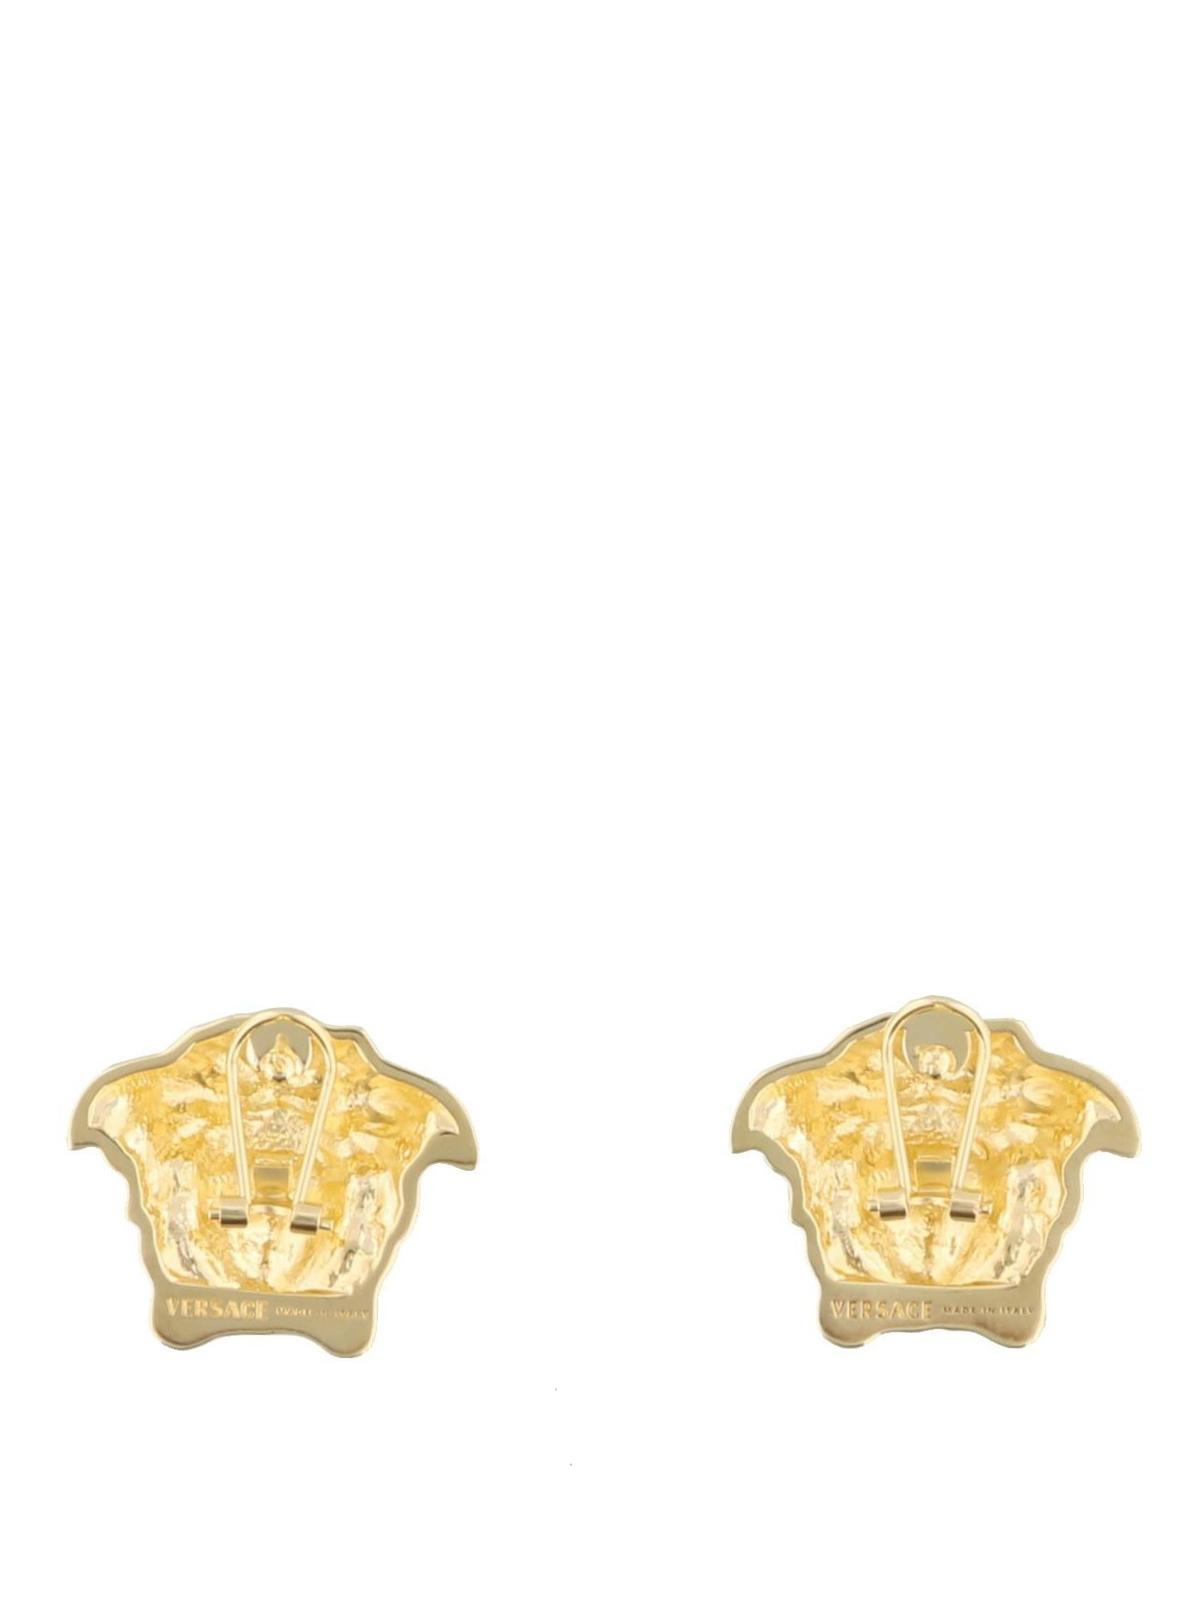 9b179596e Versace - Medusa Head gold-tone stud earrings - Earrings ...